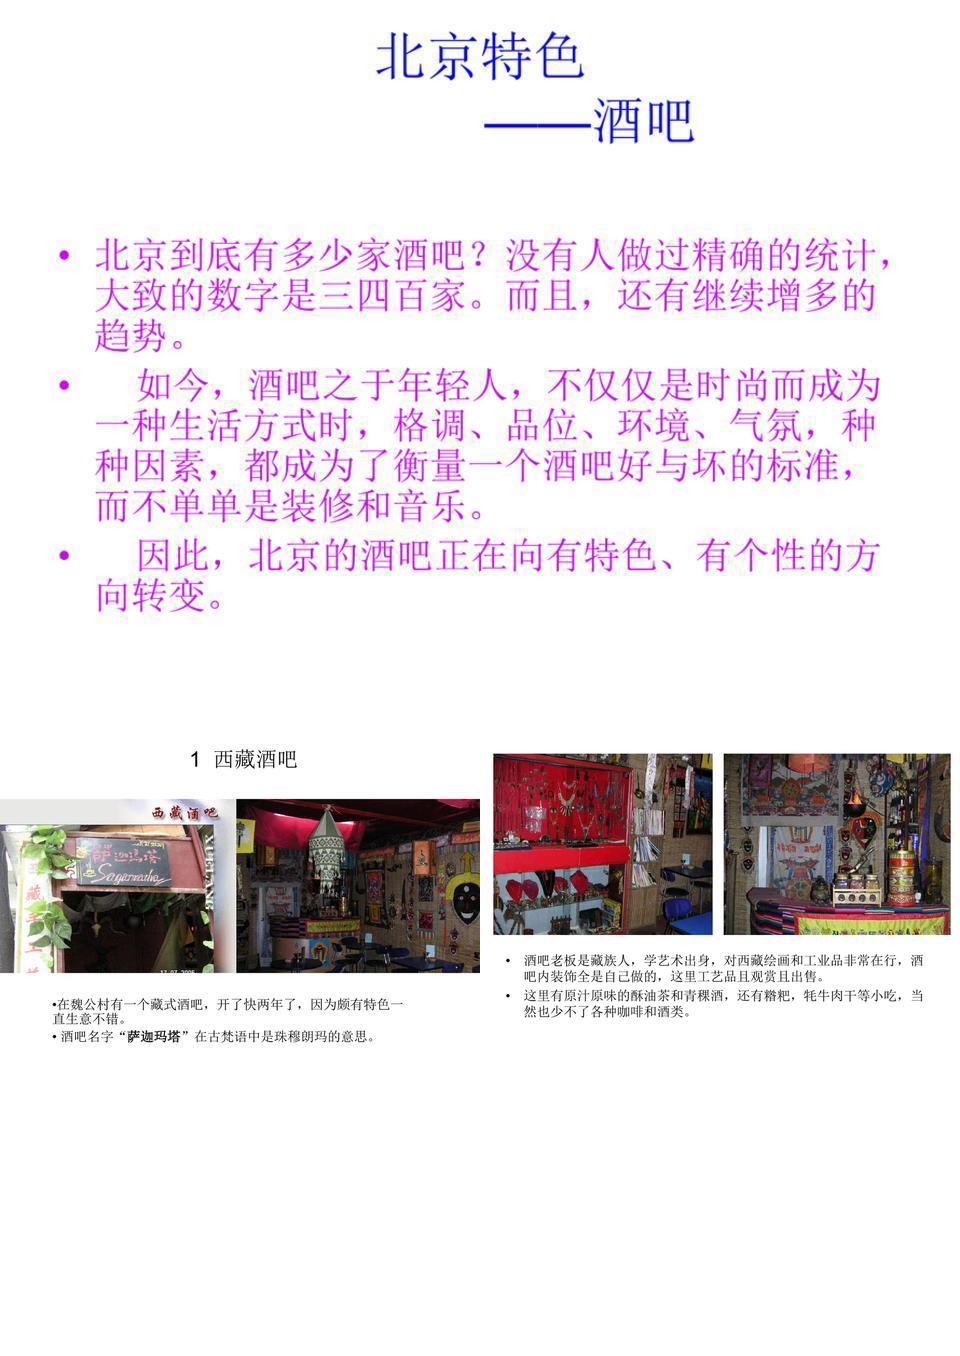 北京特色酒吧.ppt